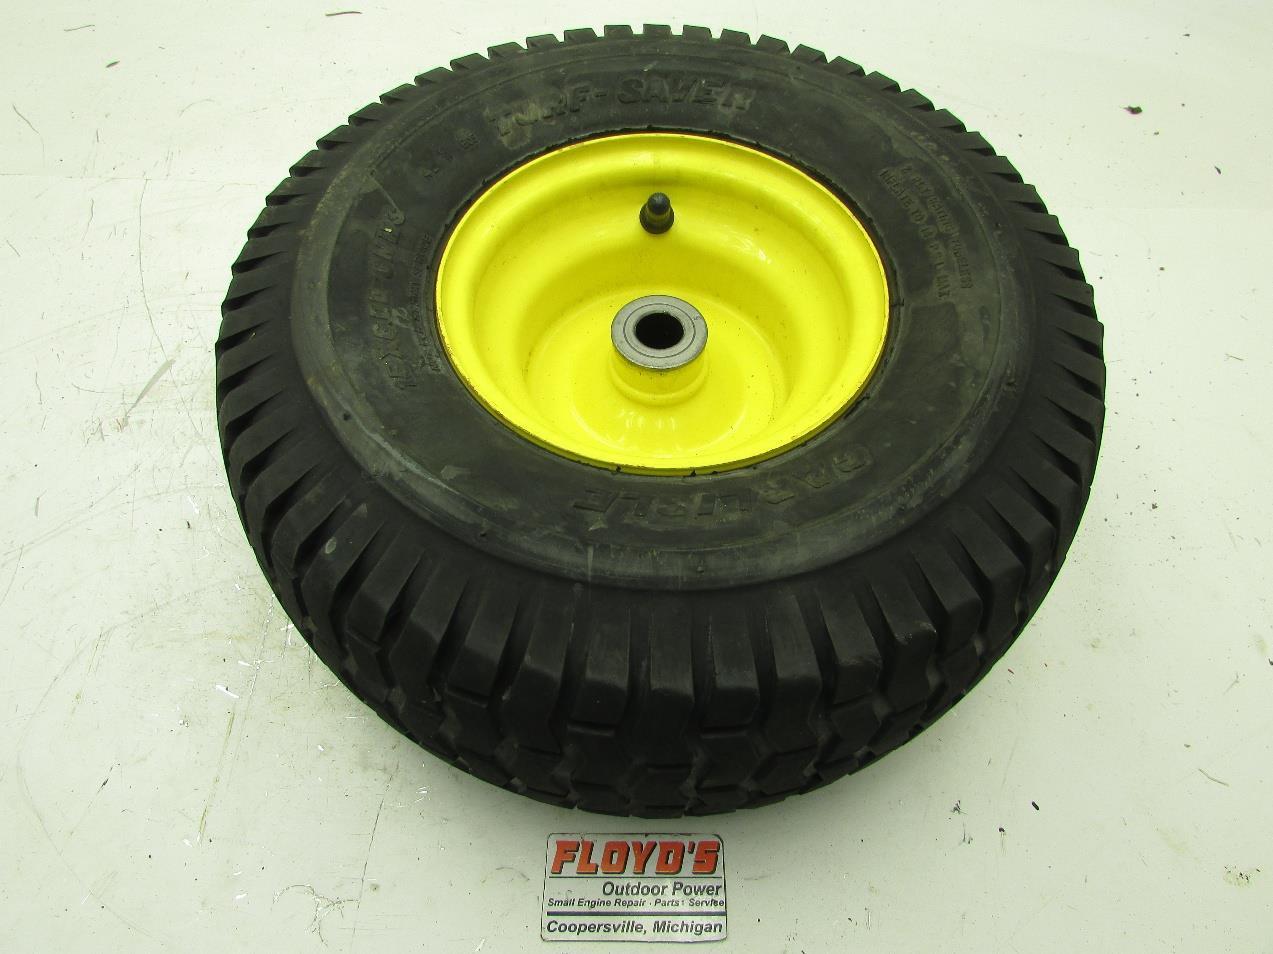 John Deere Garden Tractor Tires : John deere lawn tractor quot front wheel rim tire